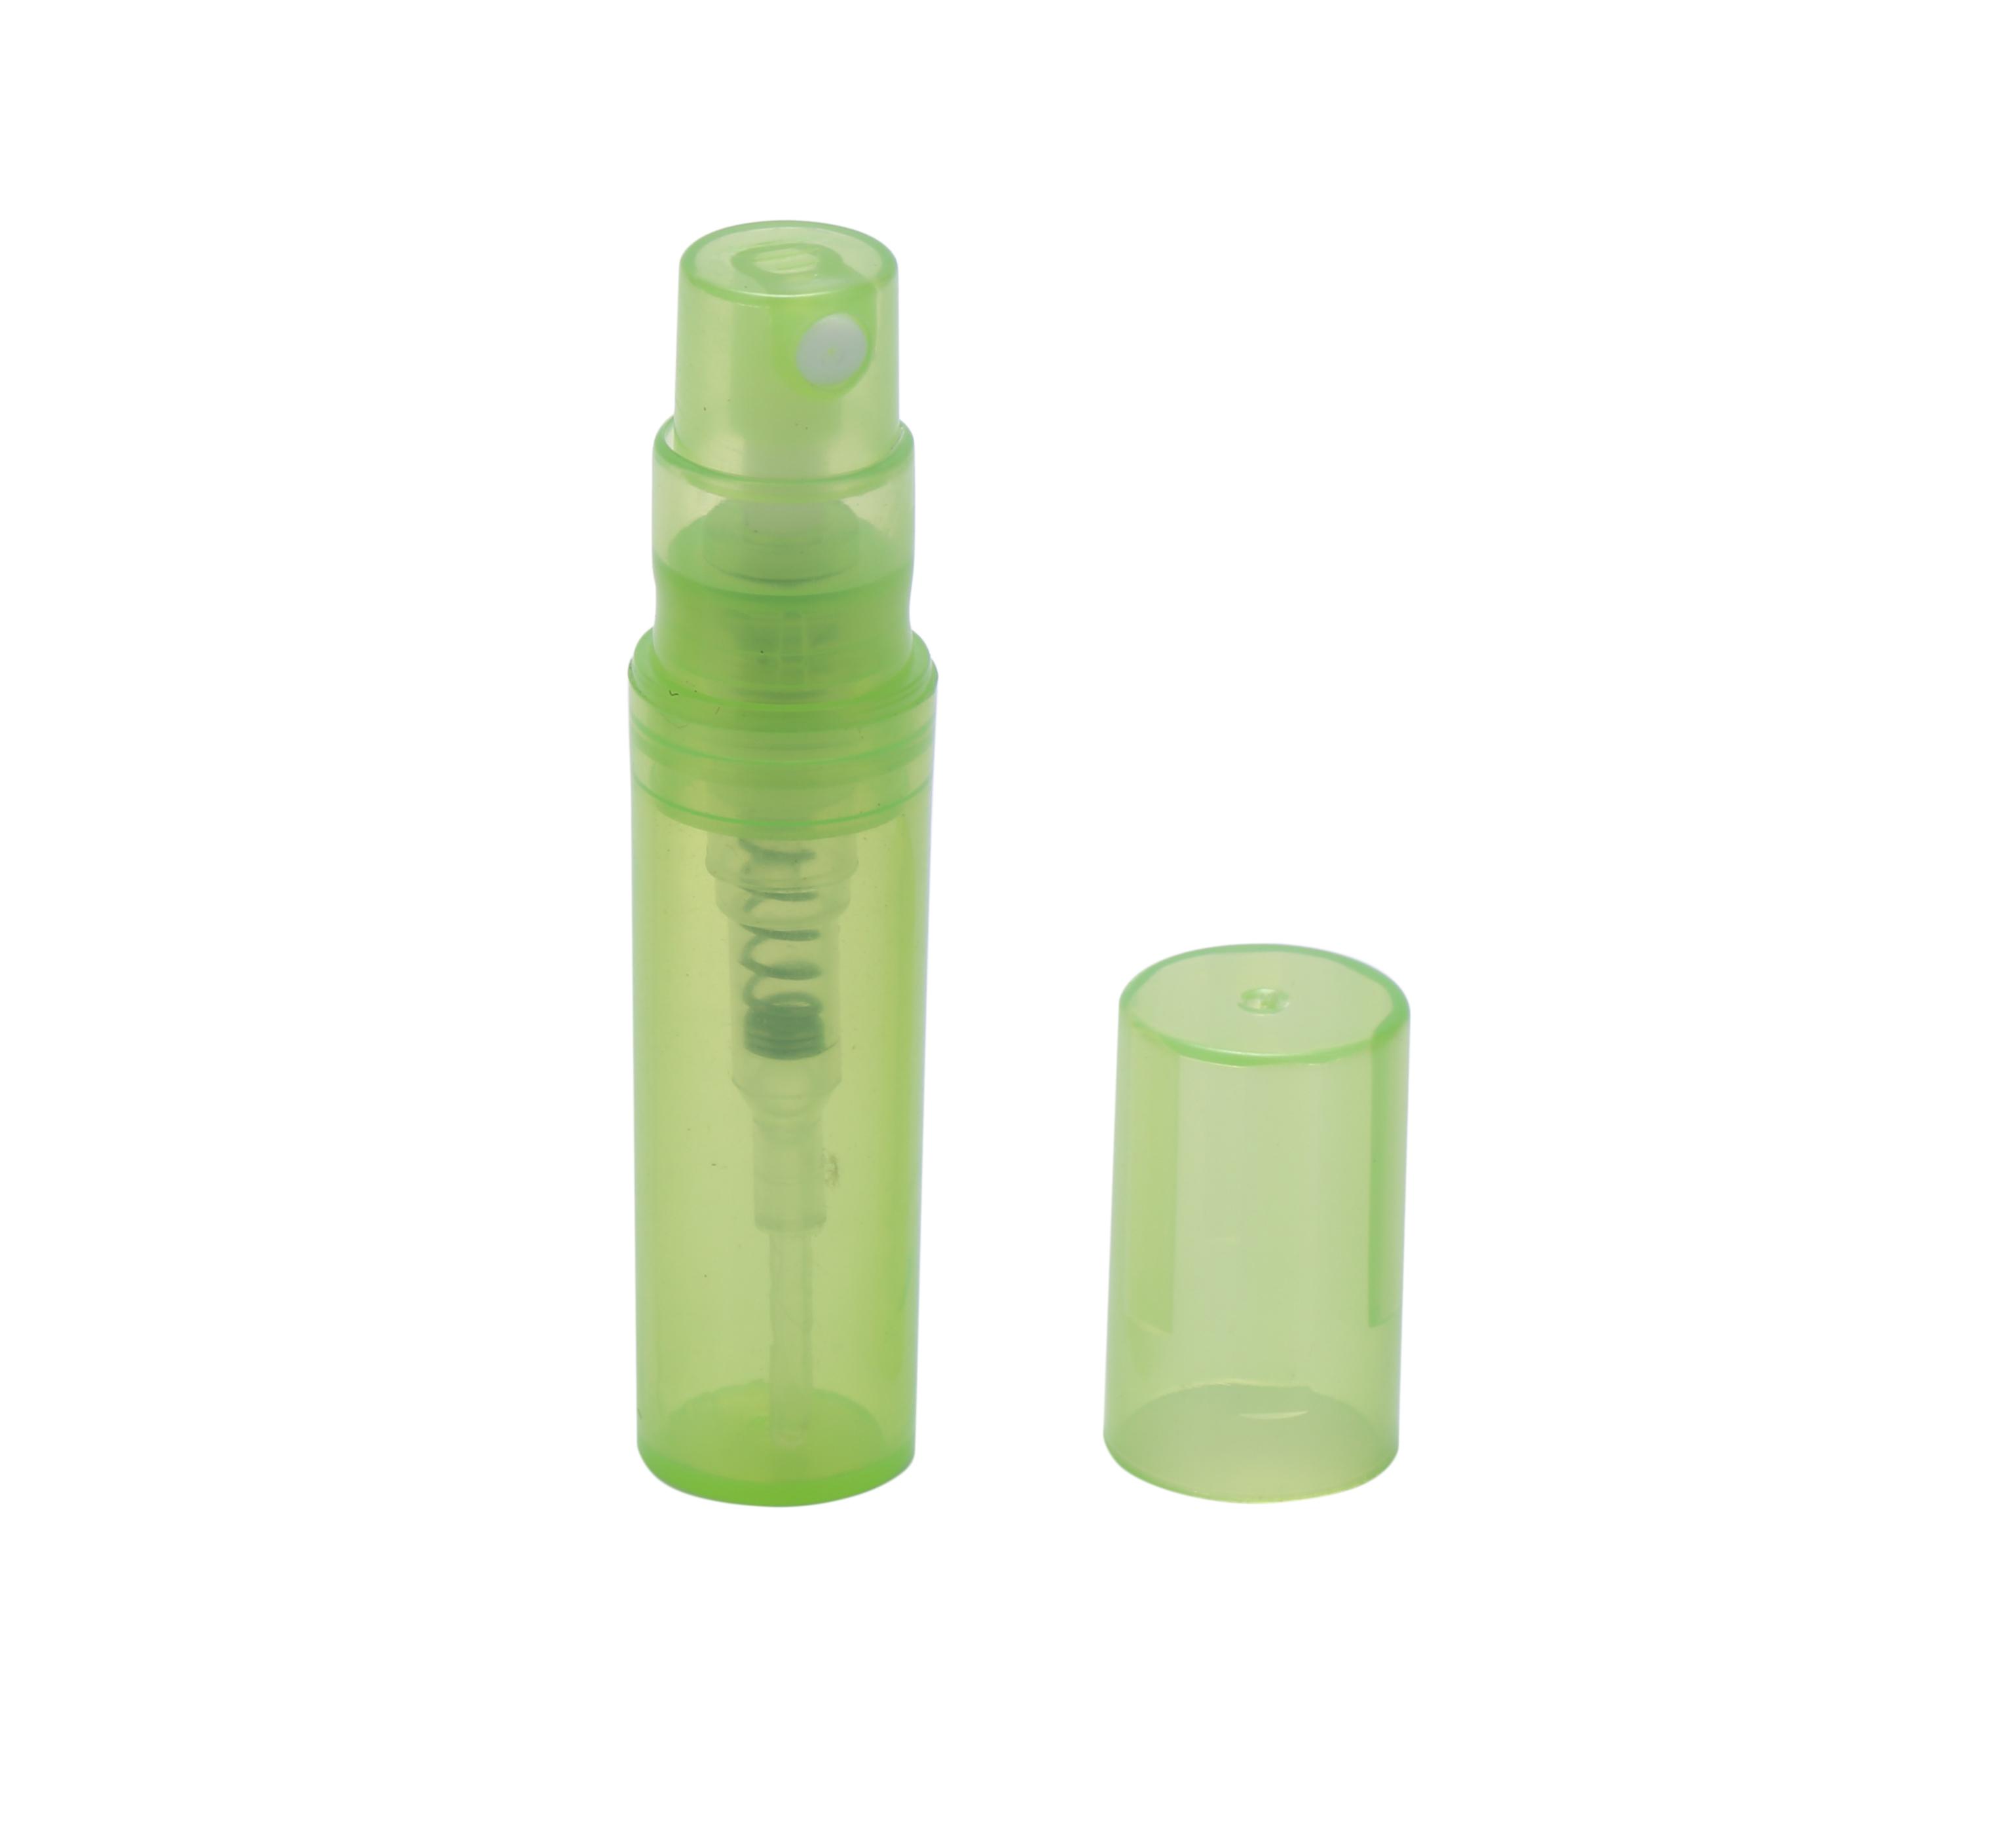 Heißer Verkauf 2ml Kunststoff Parfüm Flasche, billige Parfüm Plastikflasche, Körperpflege Flasche Parfüm Sprühflasche